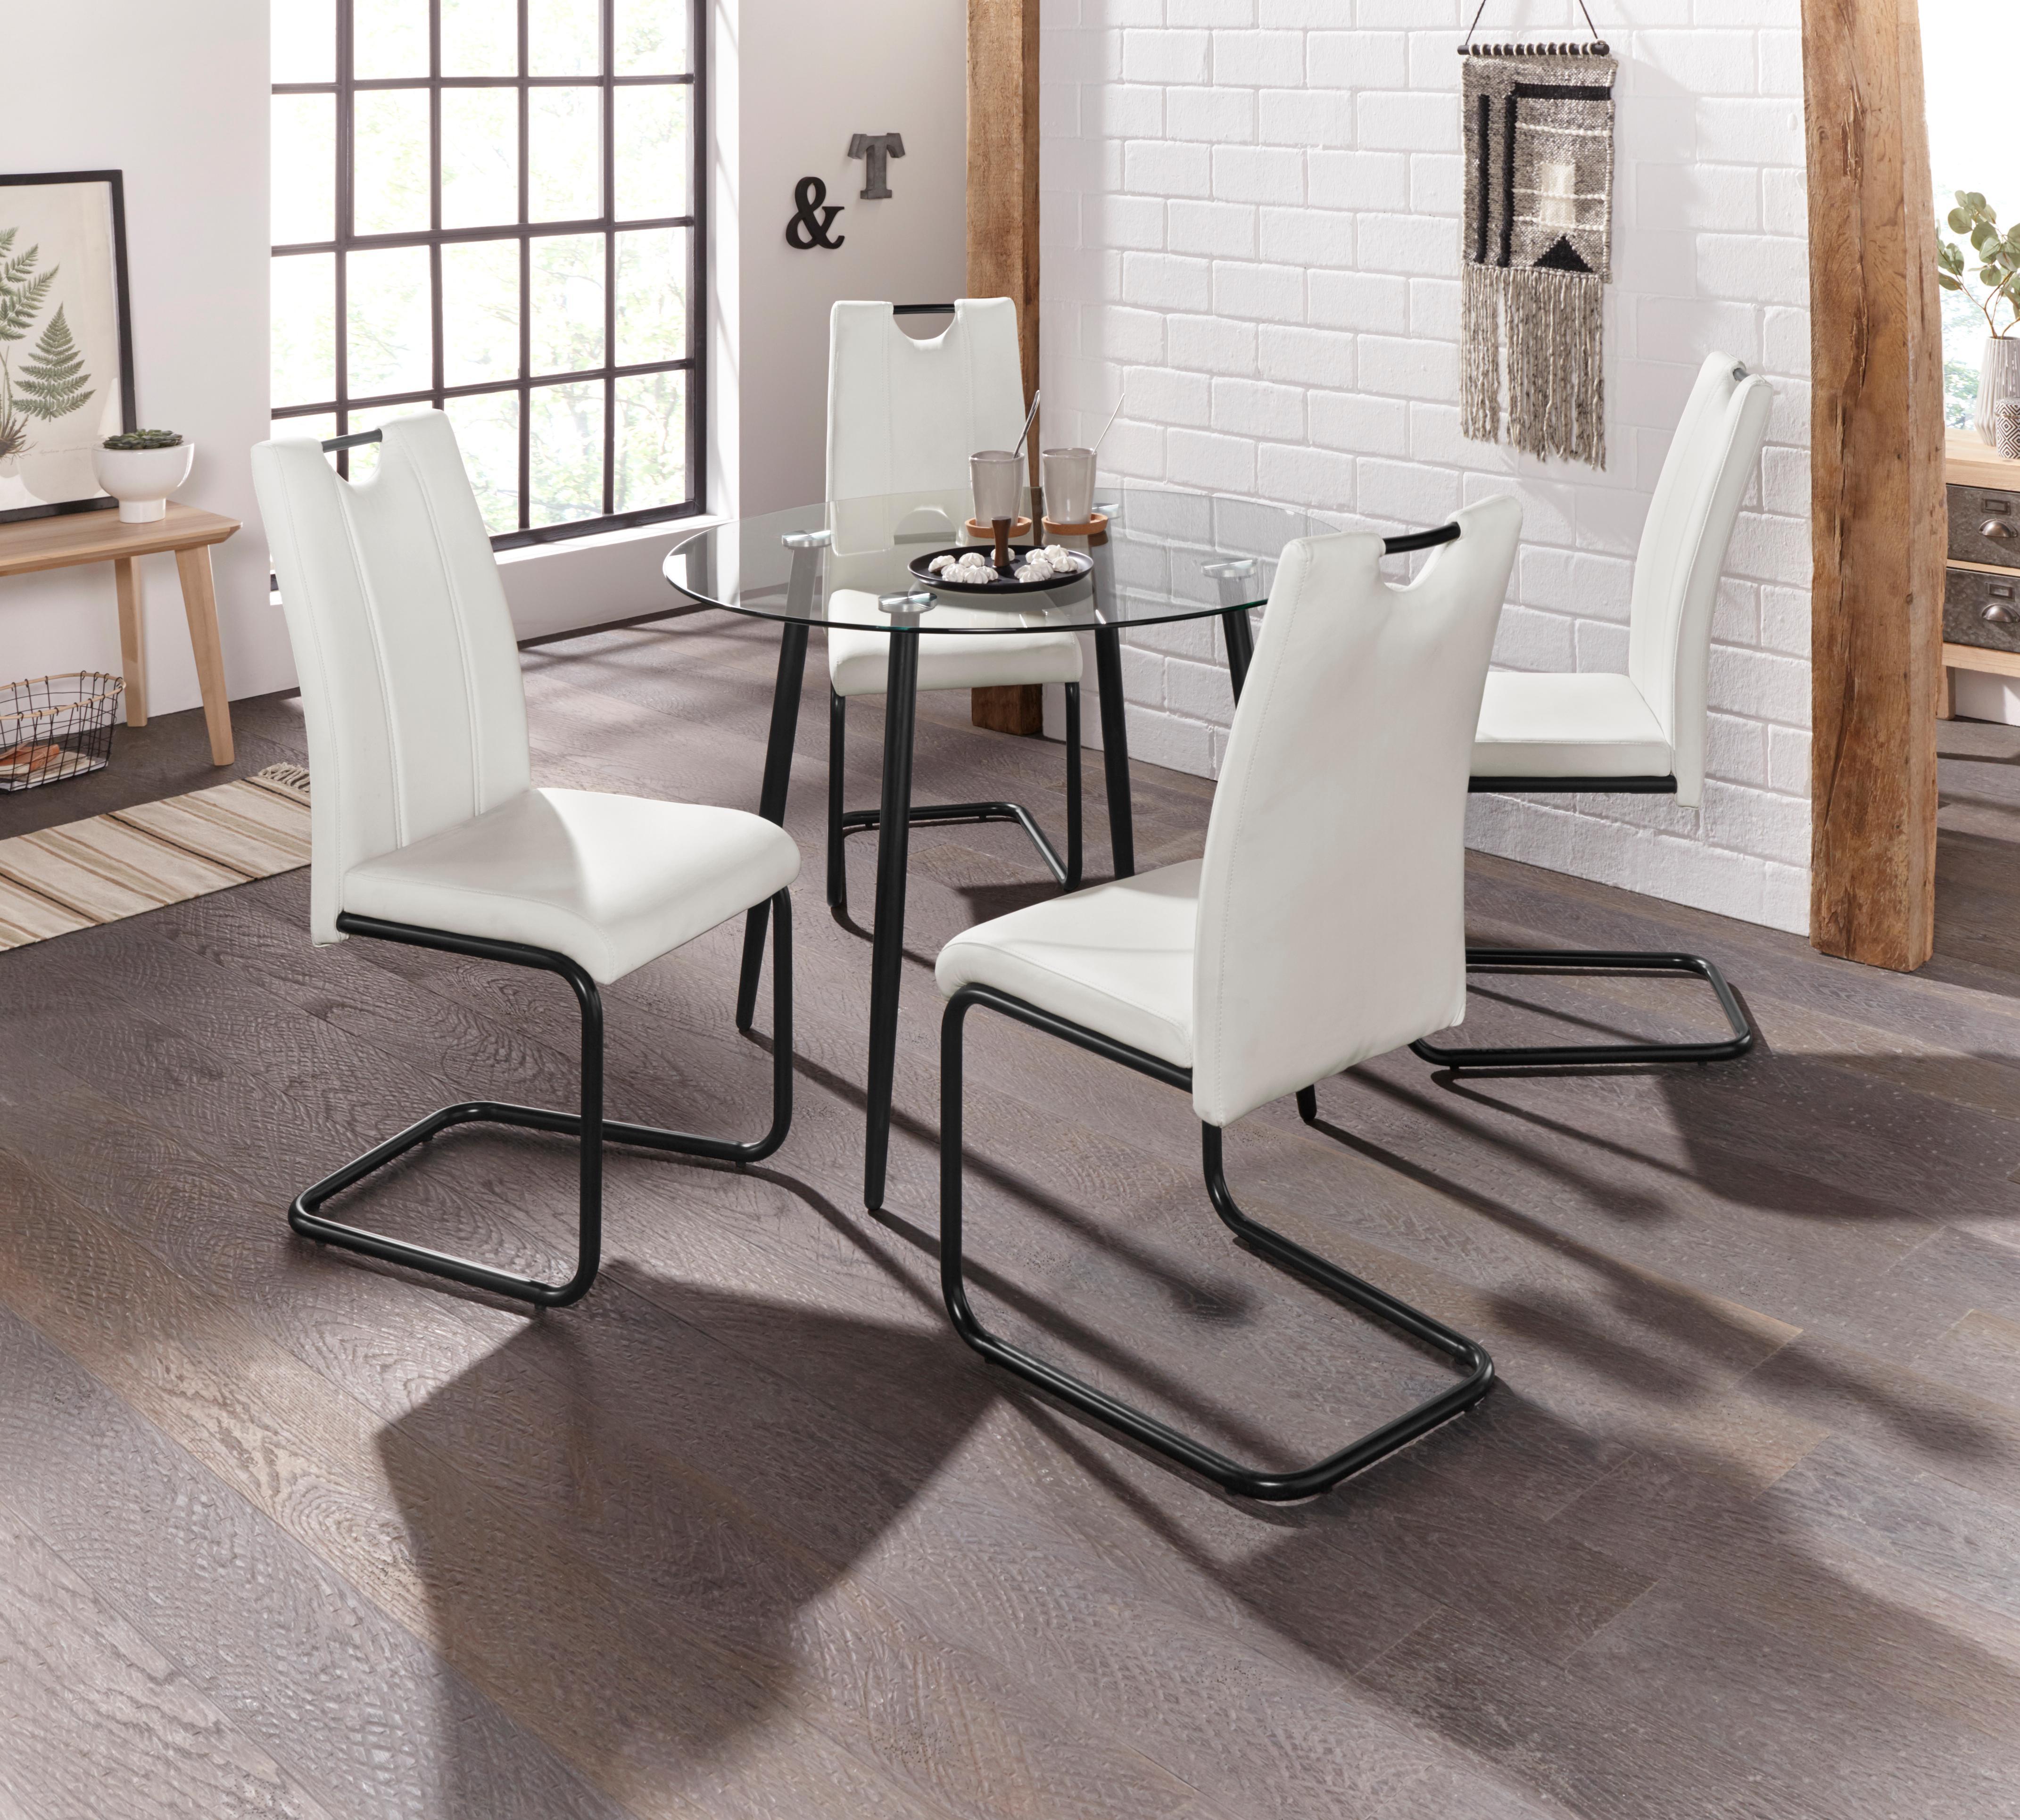 Essgruppe Danny - Linea mit rundem Esstisch und 4 Stühlen